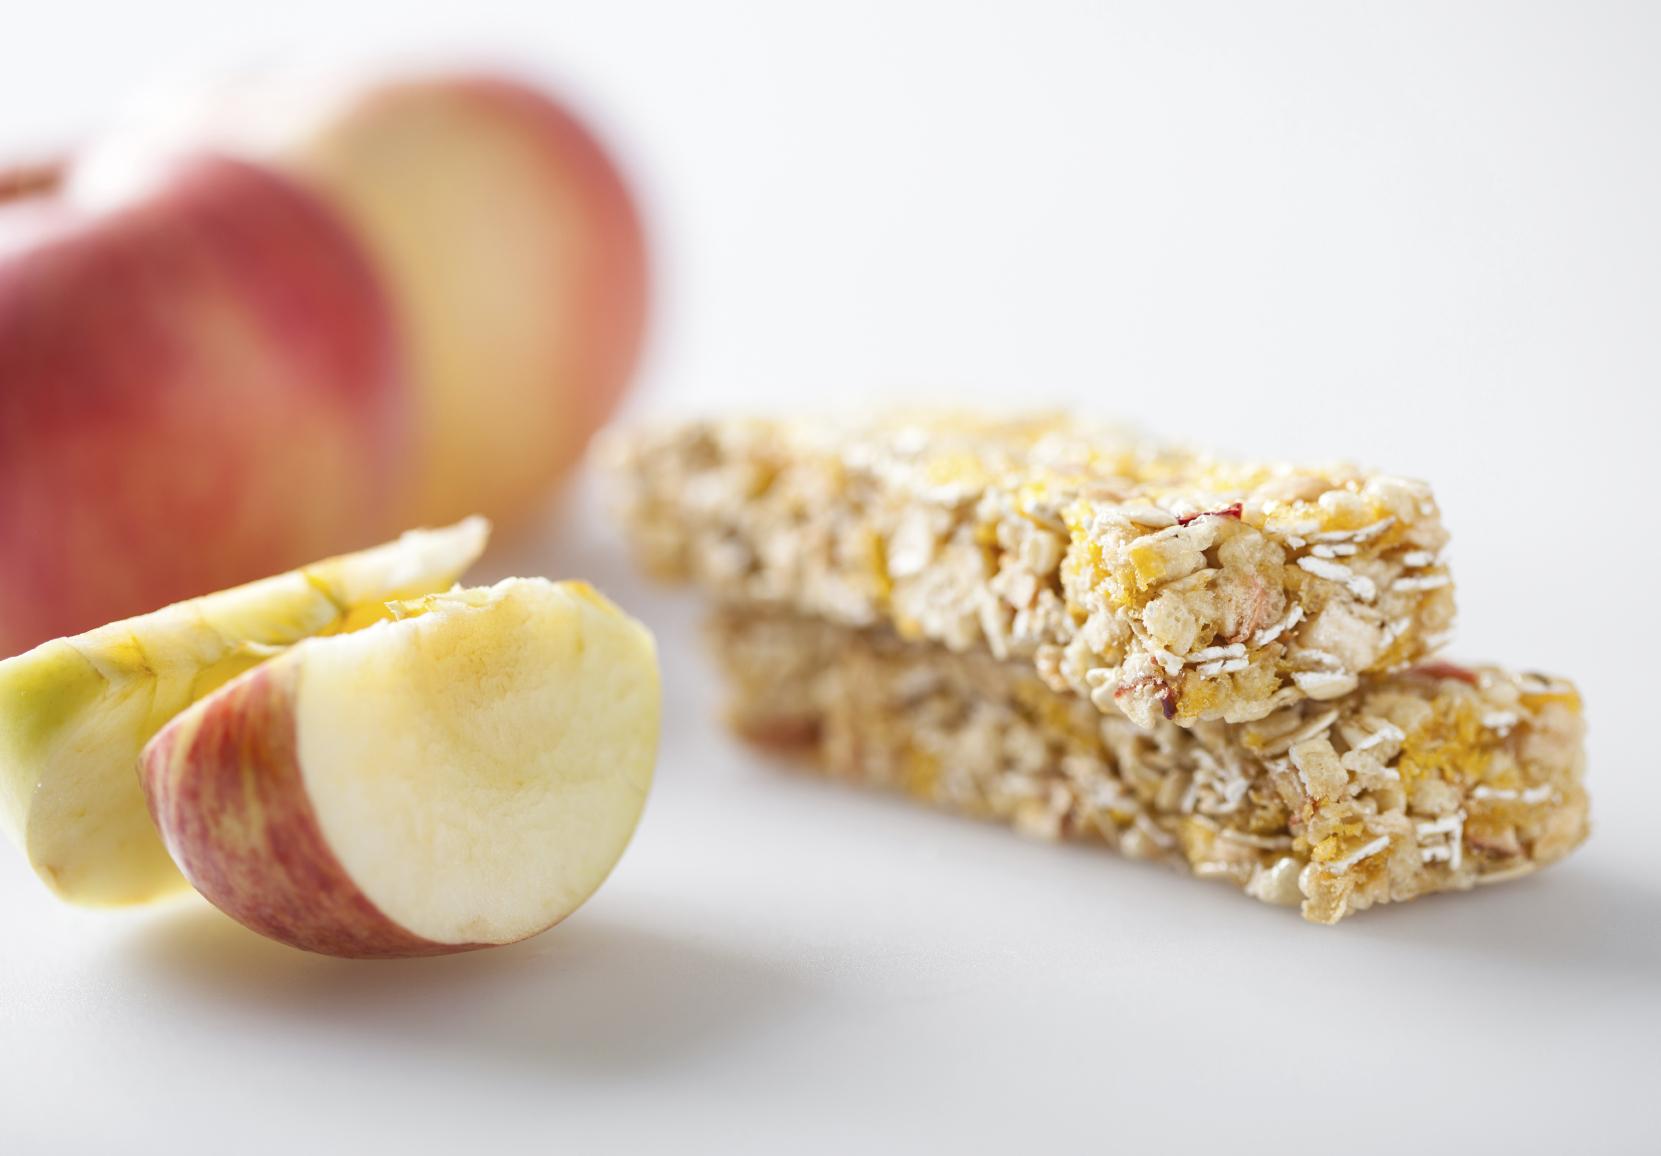 Healthy 2 Ingredient Nut Bars Recipe